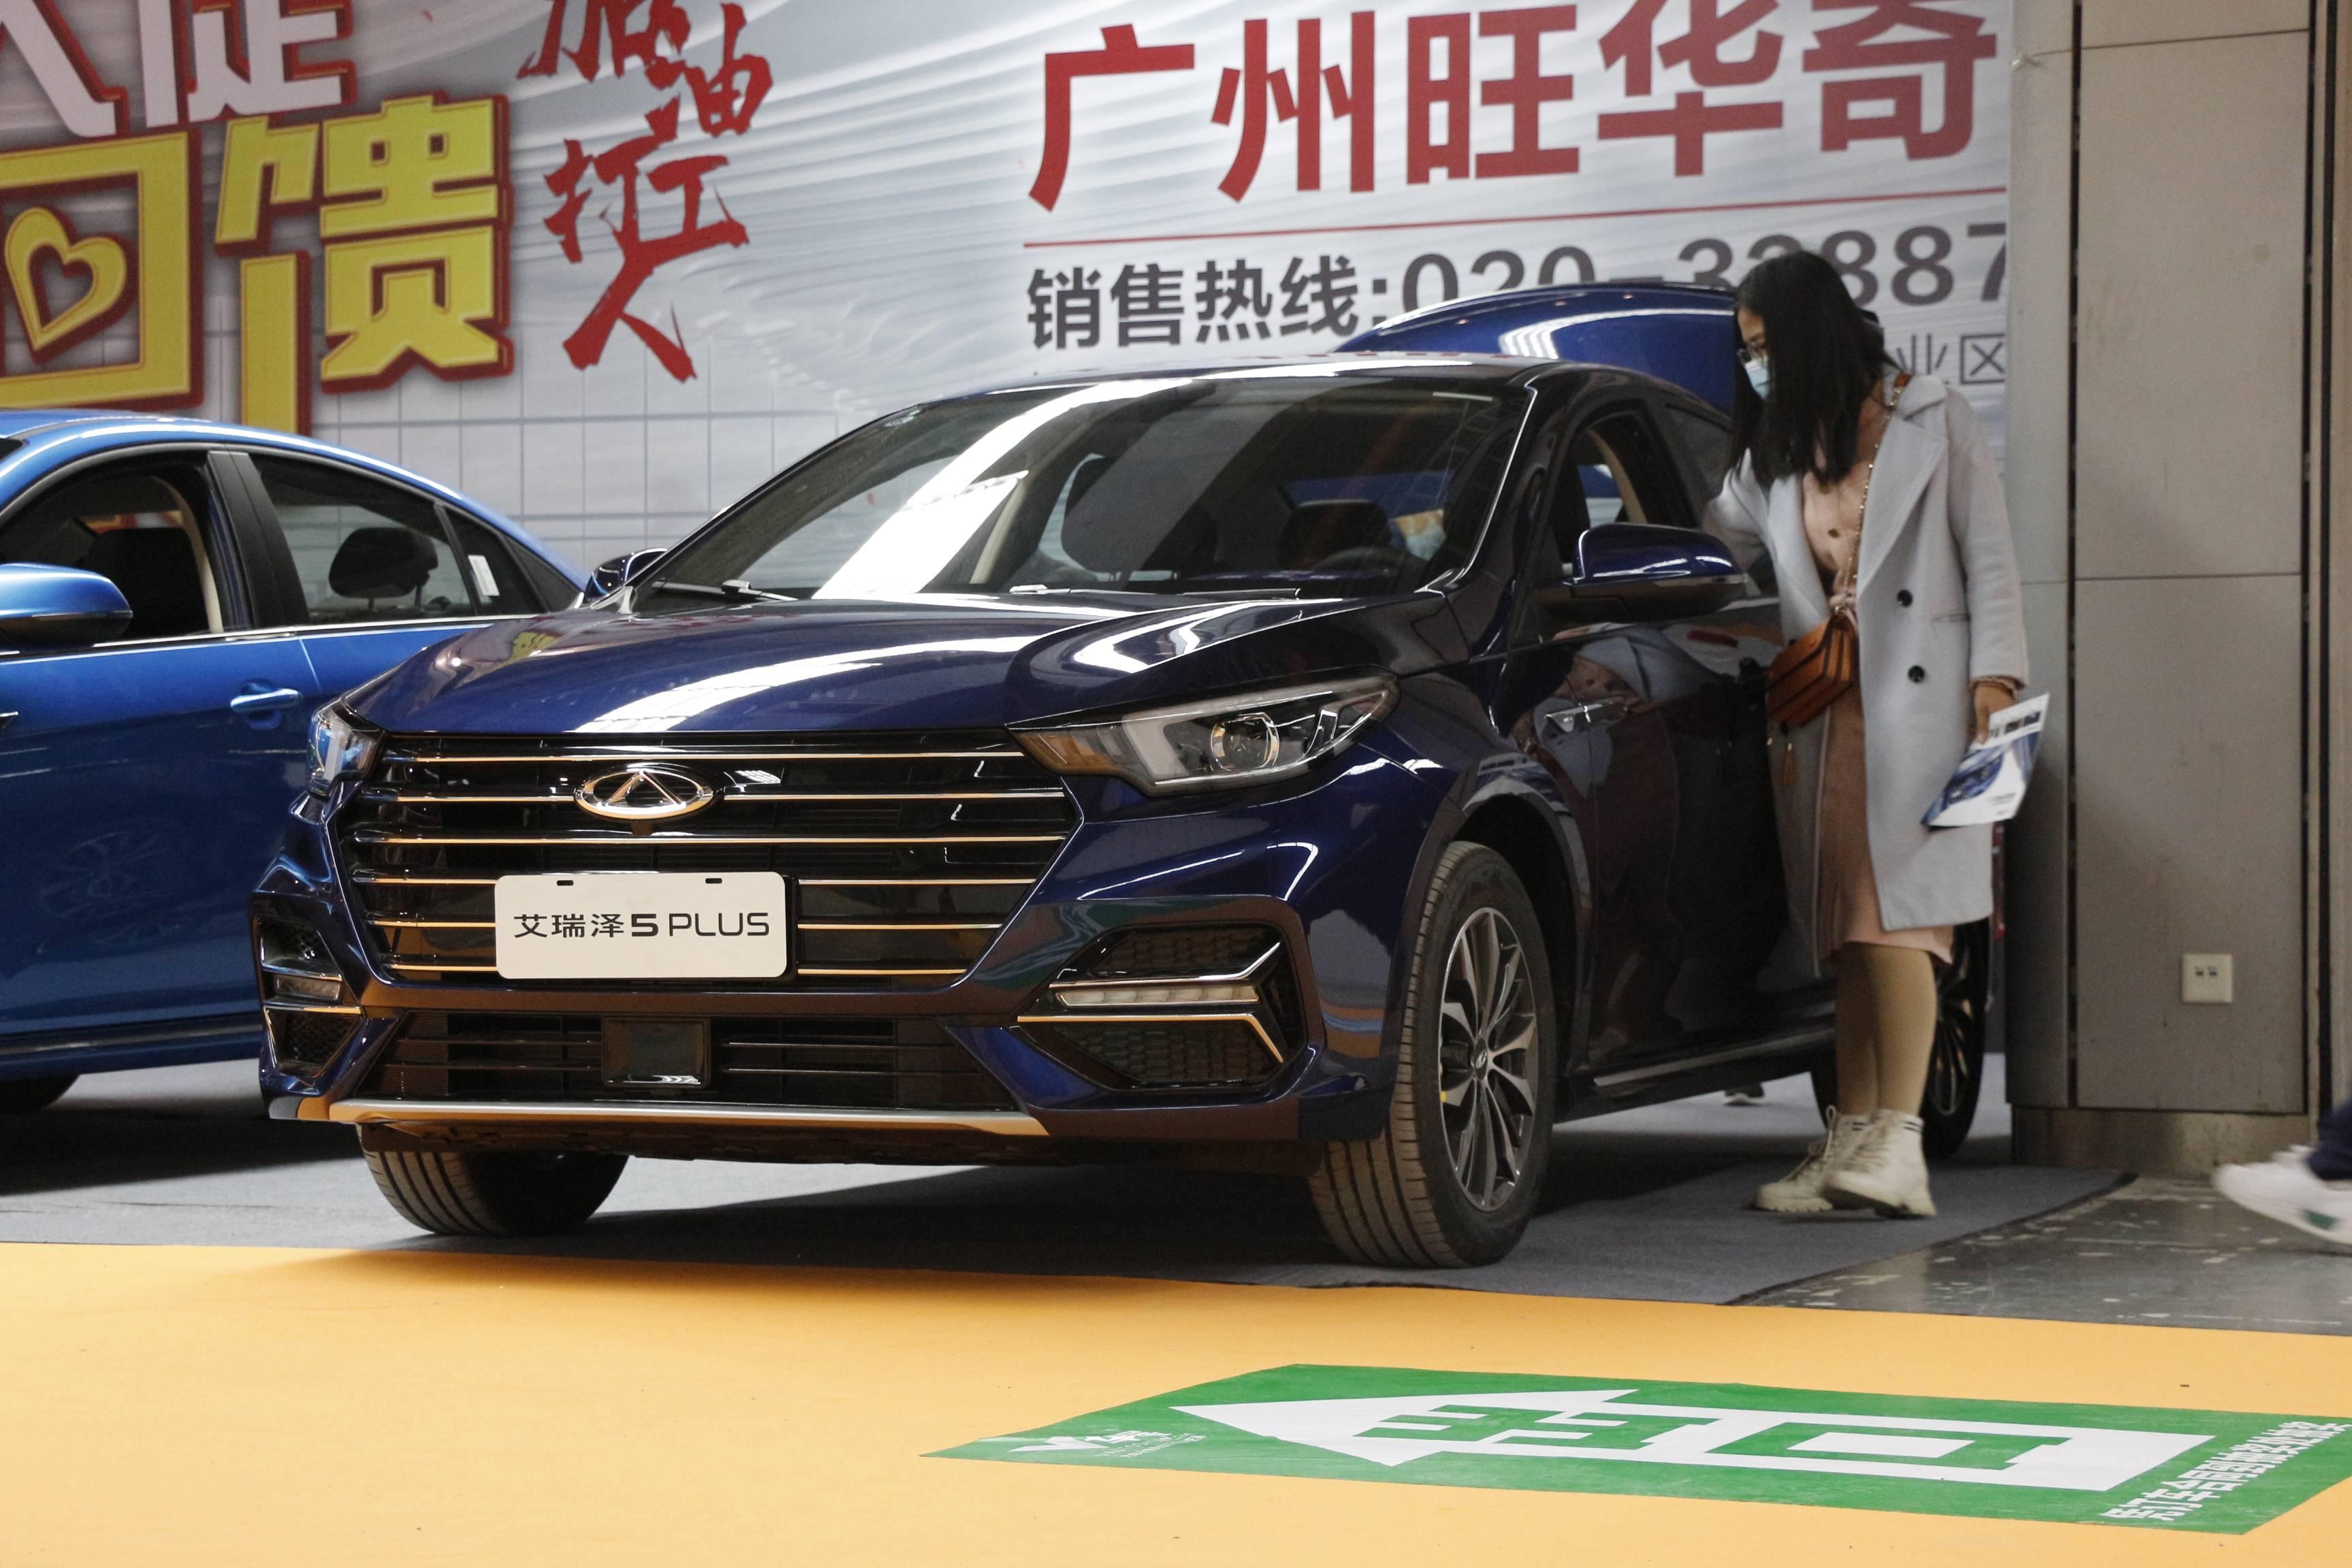 最初的奇瑞阿里扎5 PLUS出现在广州国际采购汽车展上,双外观为69,900